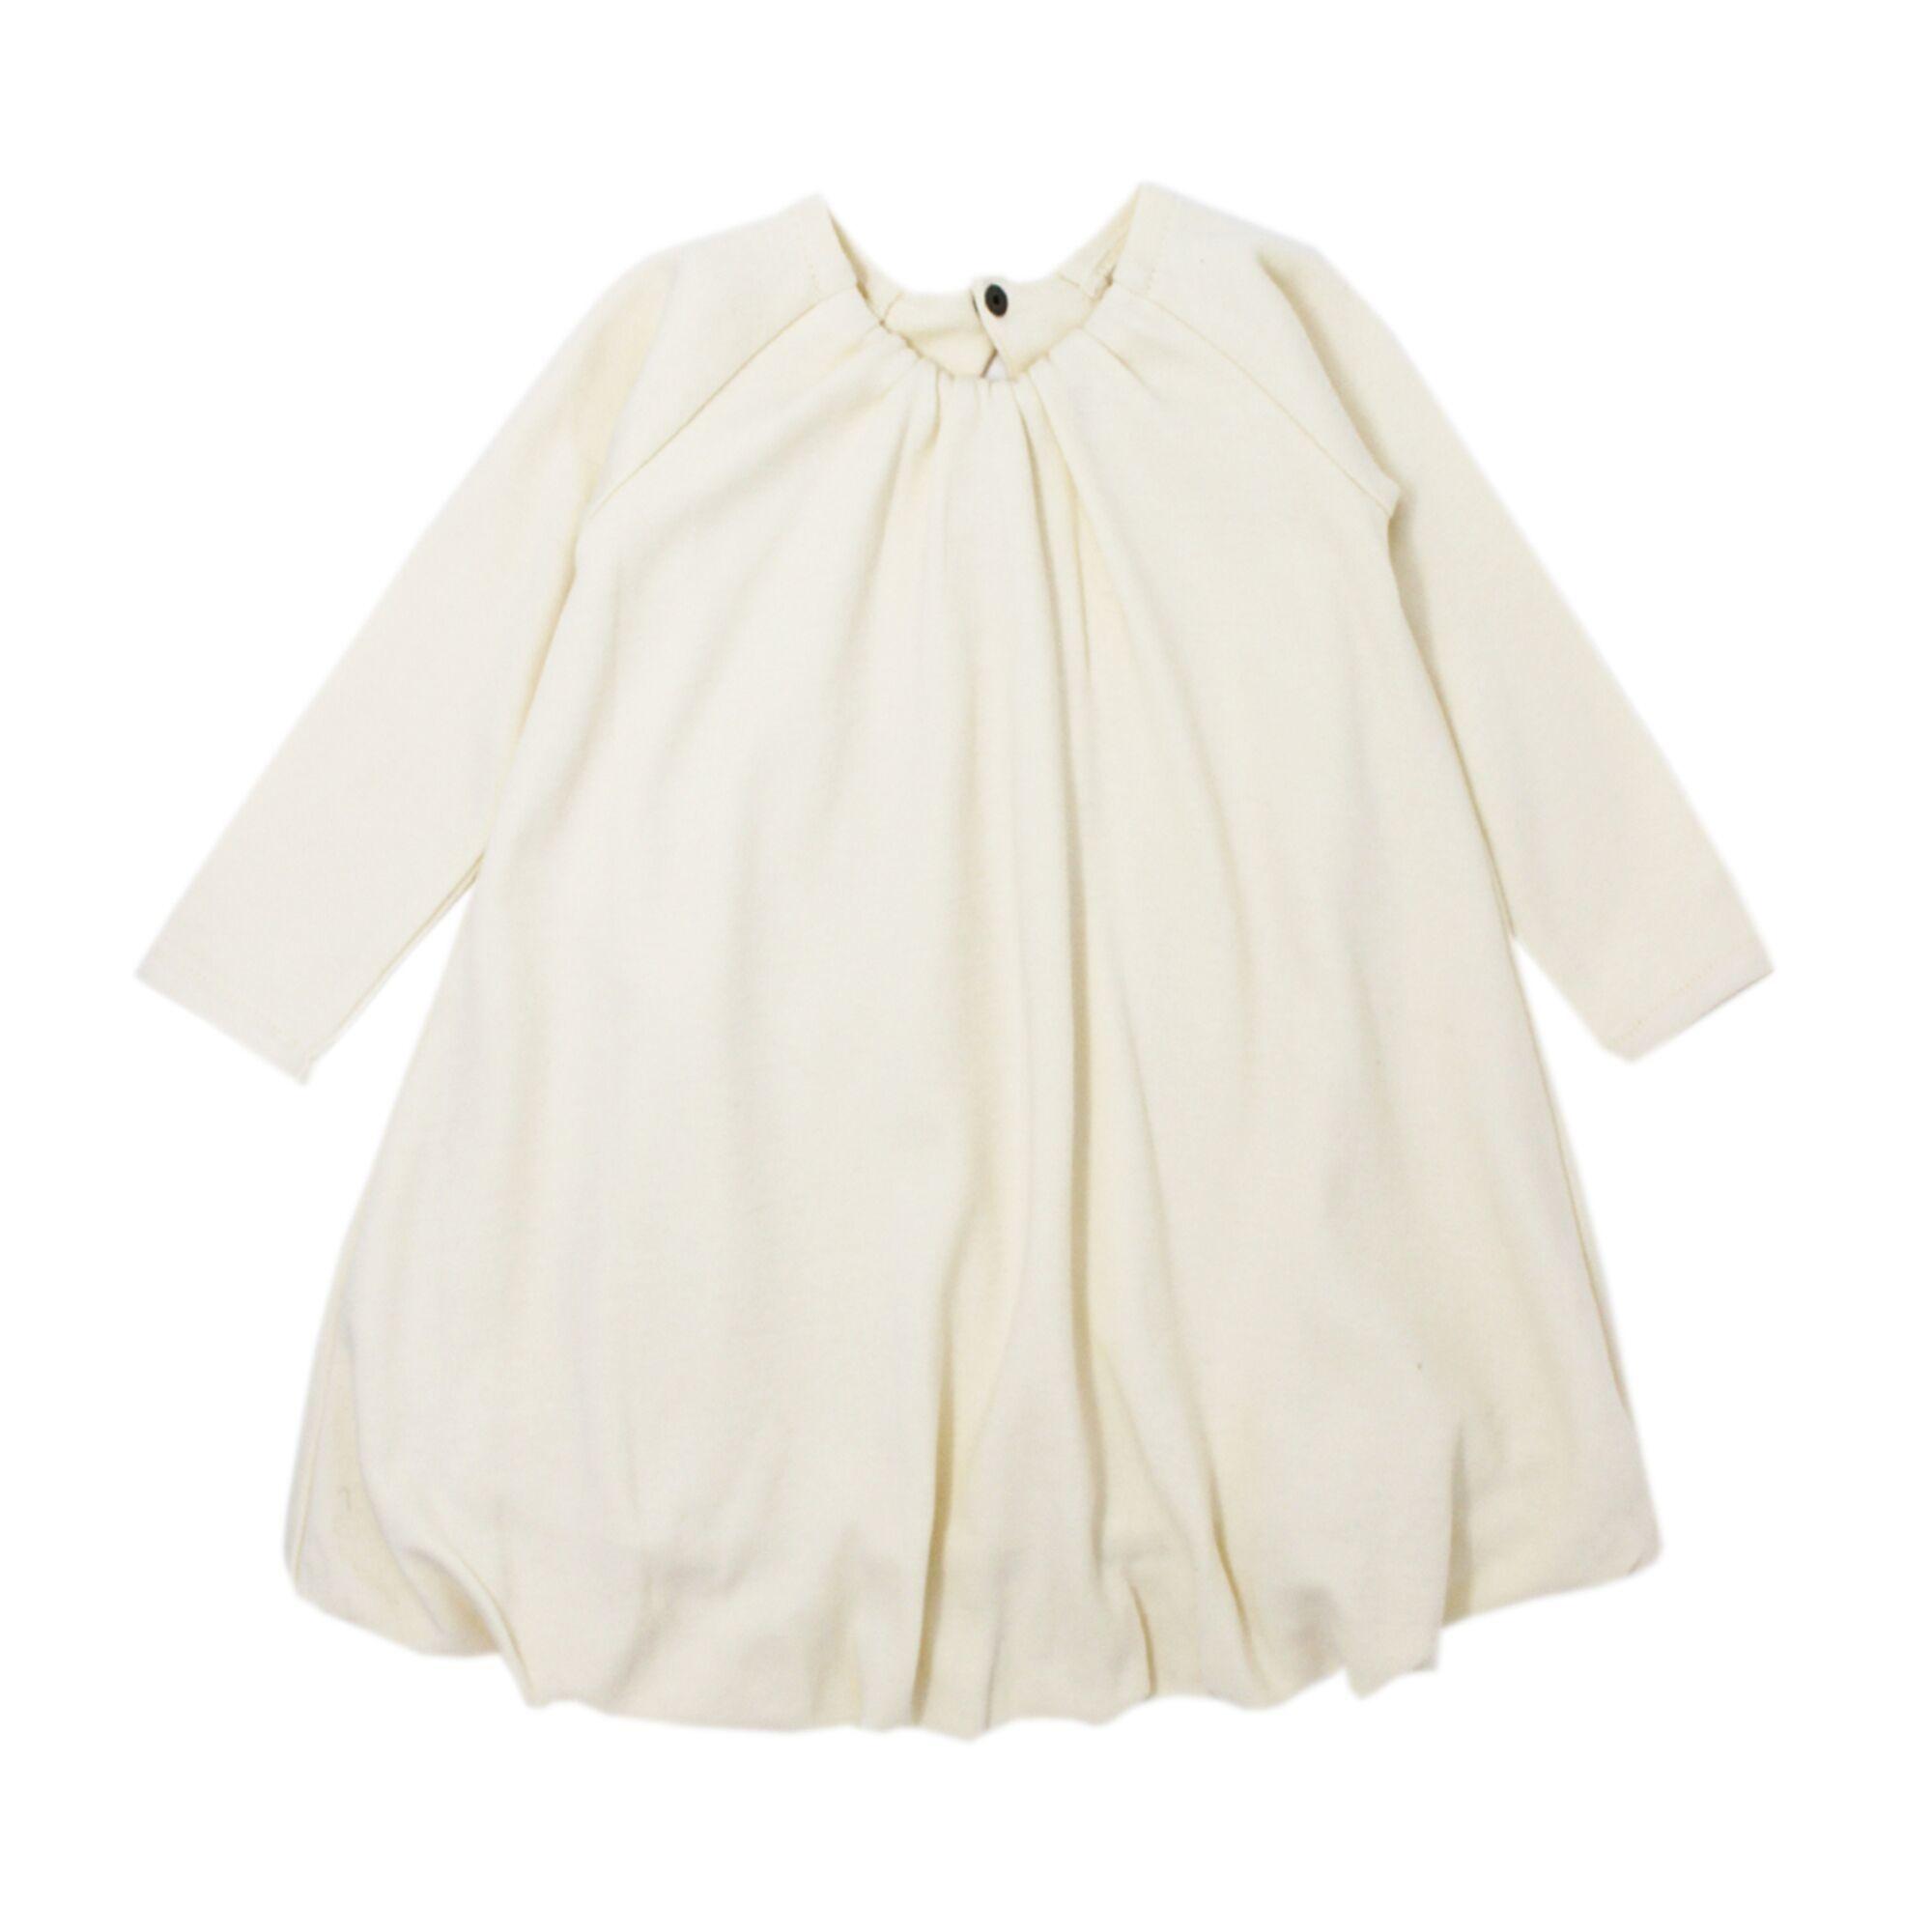 Loved Baby Organic Kids Bubble Dress - Beige 5/6